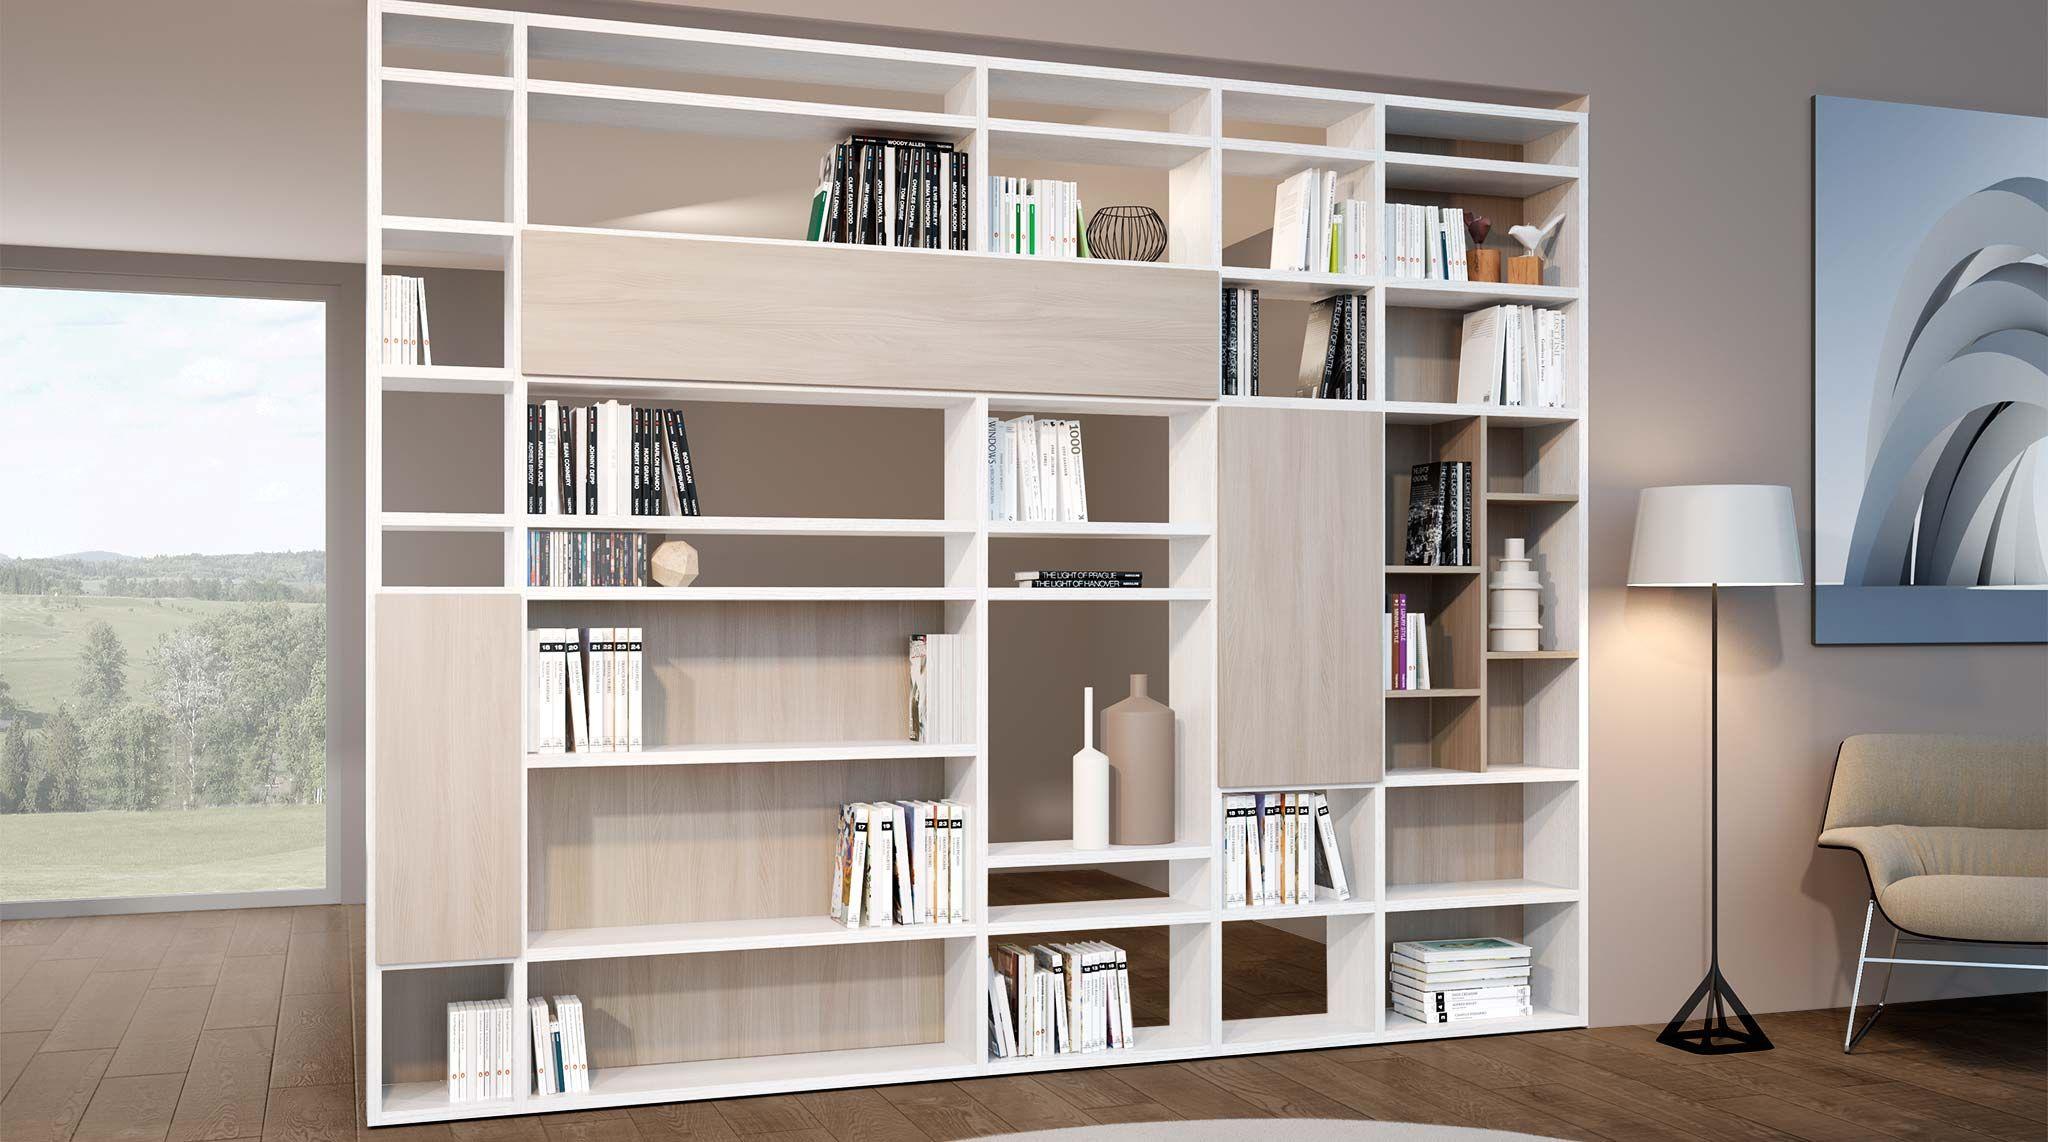 Libreria bifacciale componibile Systema-B - soloLibrerie  Vendita online mobili librerie ...